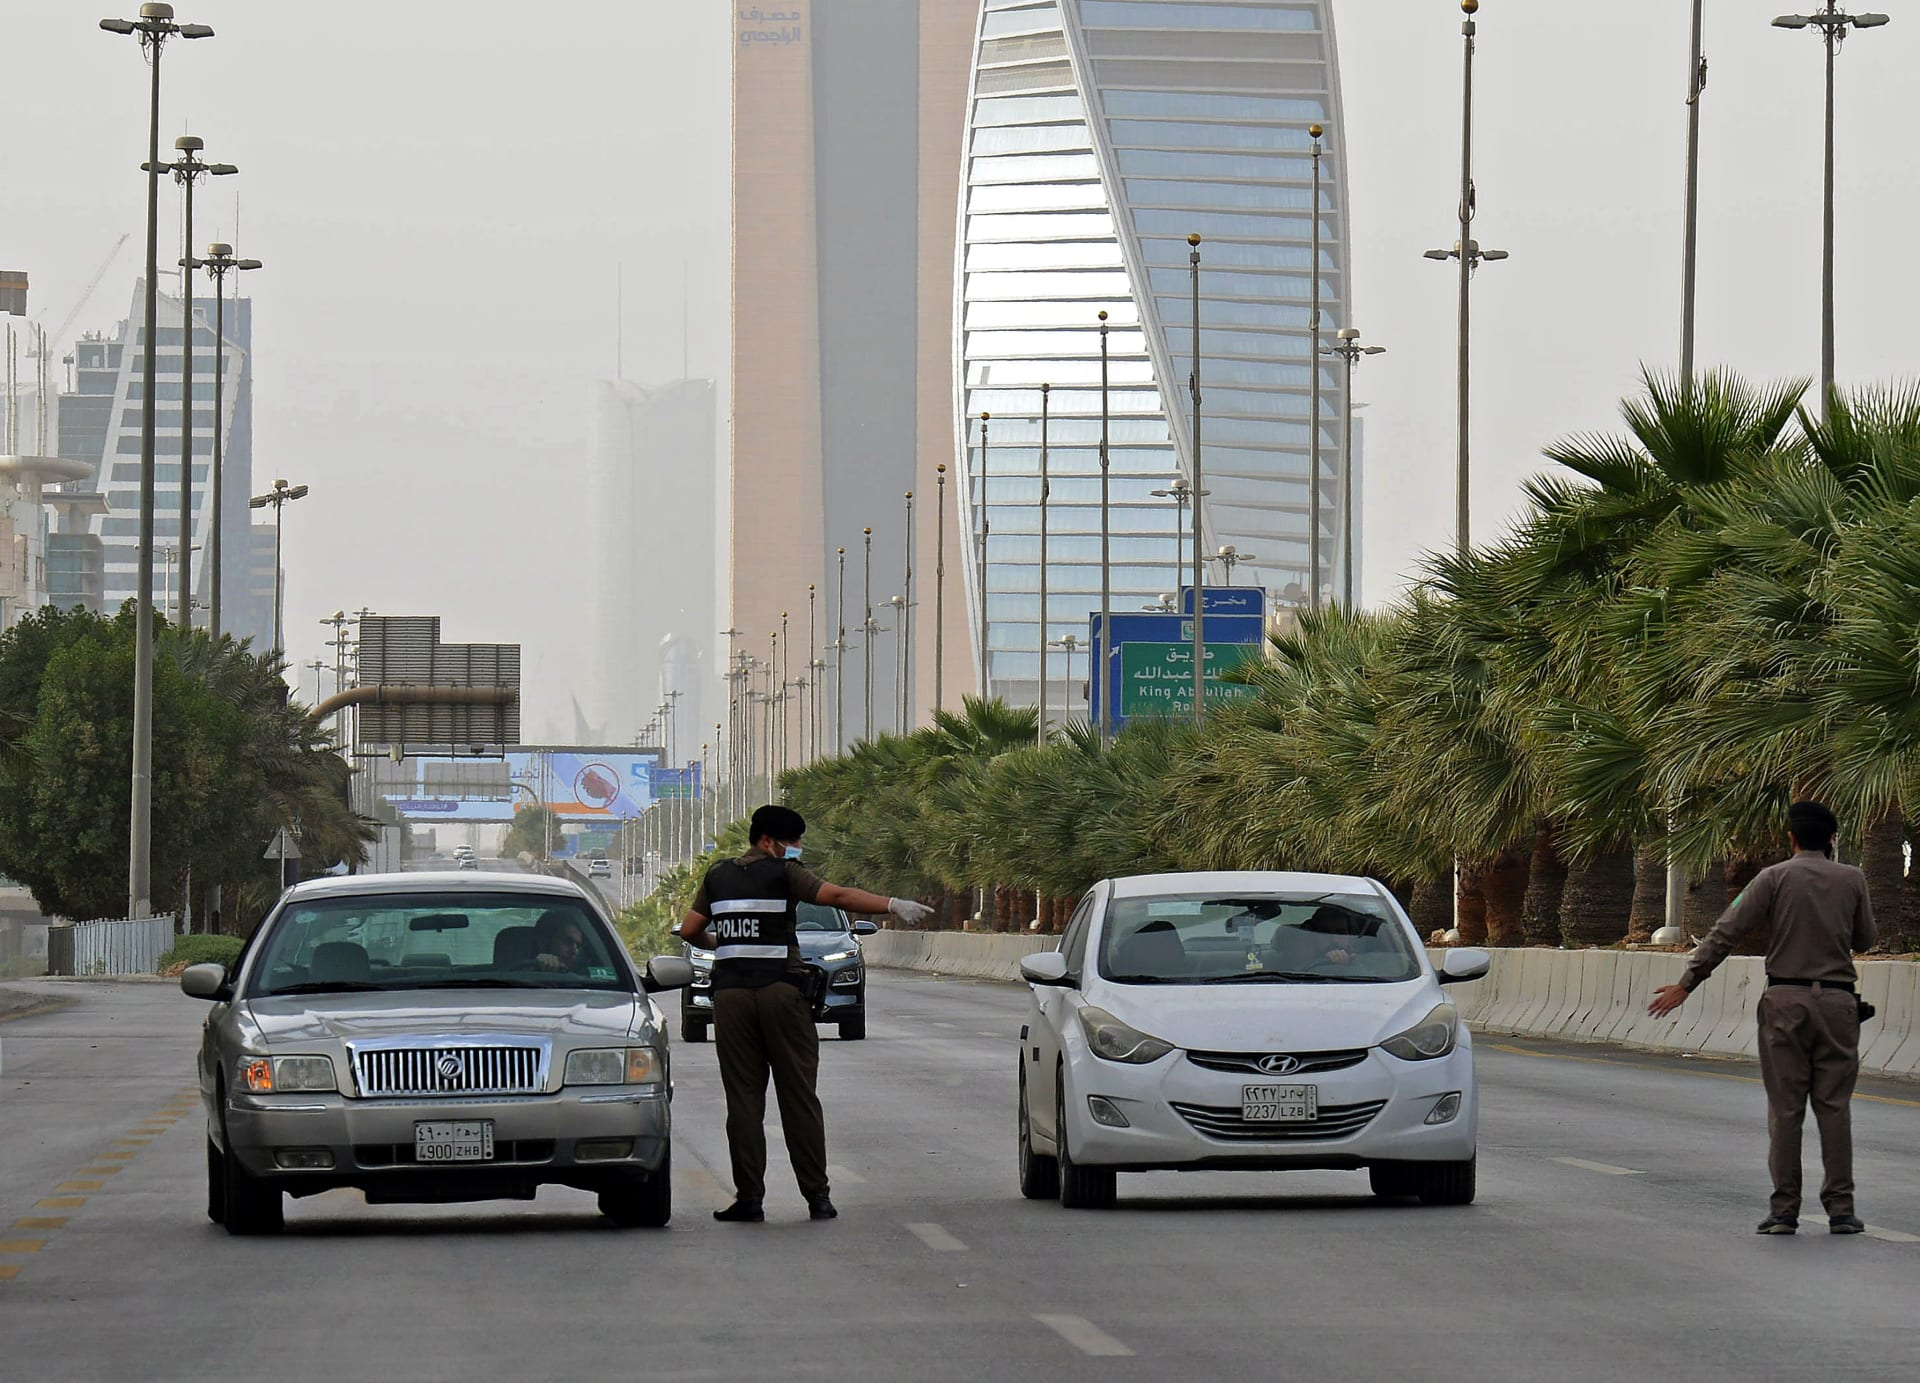 السعودية تعدل جدول عقوبات مخالفة إجراءات مواجهة كورونا.. إليكم القائمة